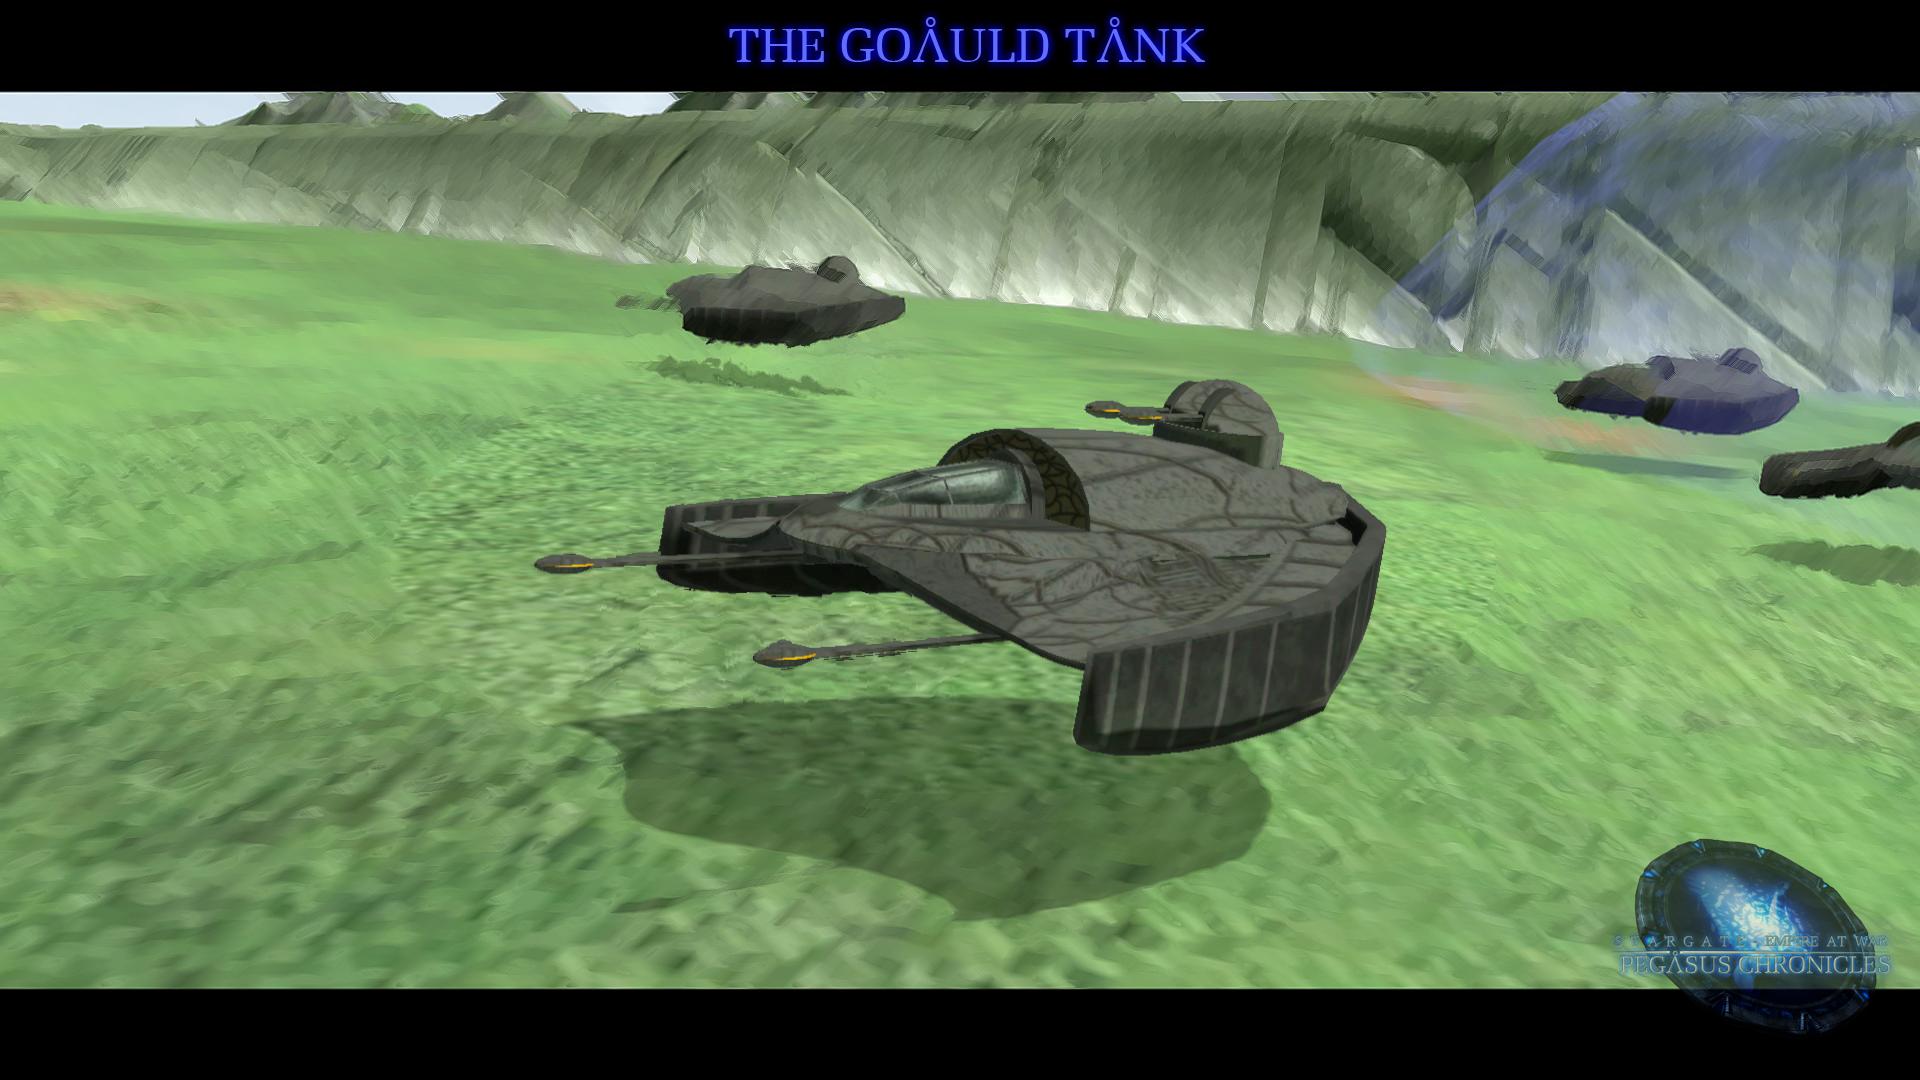 Final Model - Goauld Tank